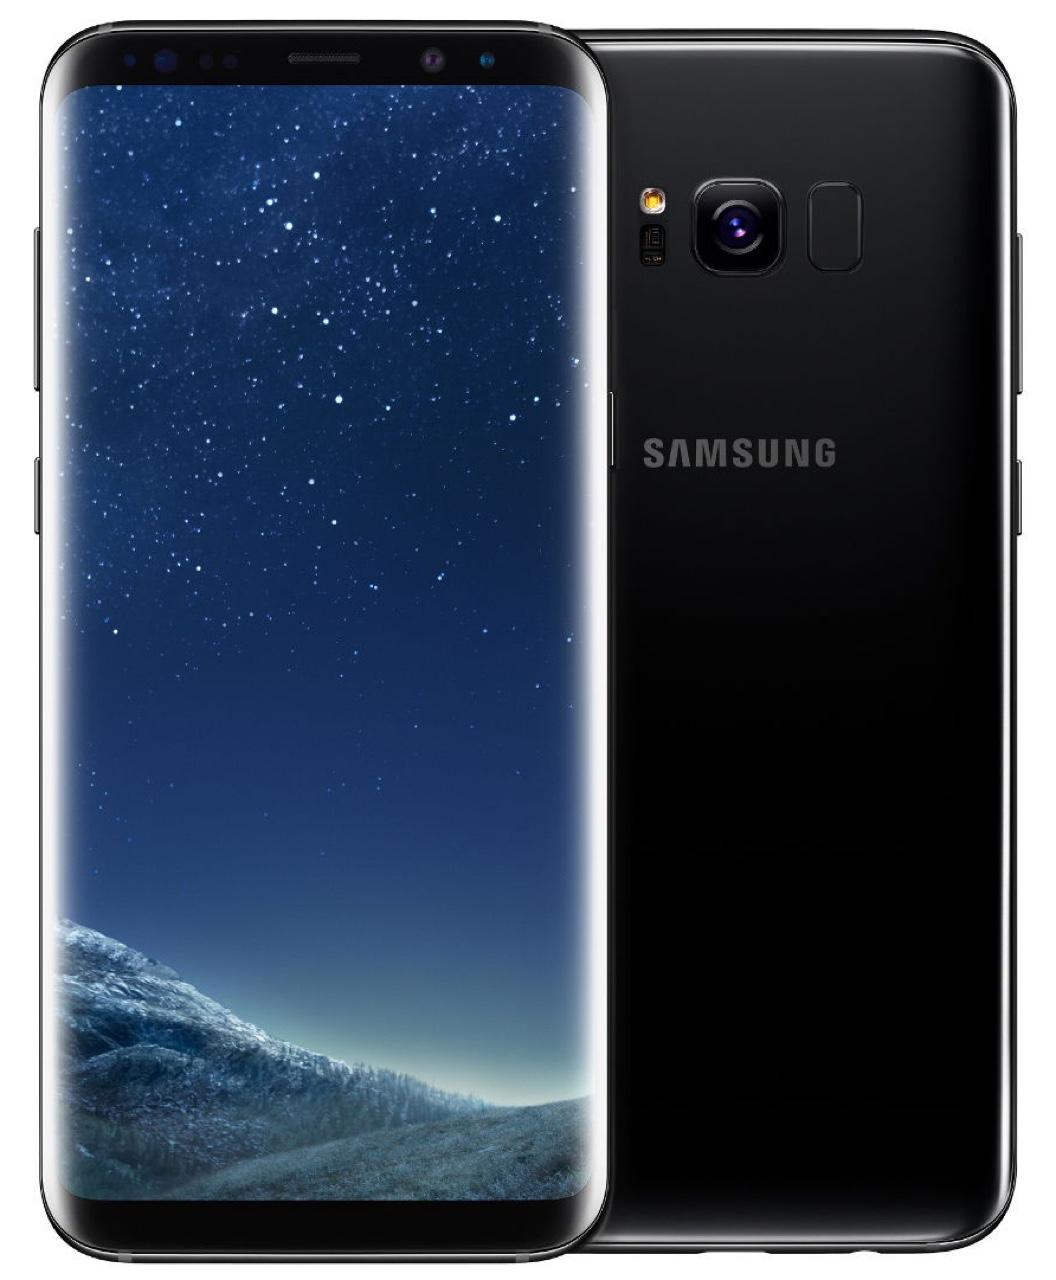 Samsung Galaxy S8+ Plus サムスン ギャラクシー Android アンドロイド スマートフォン スマホ スペック 性能 2017年